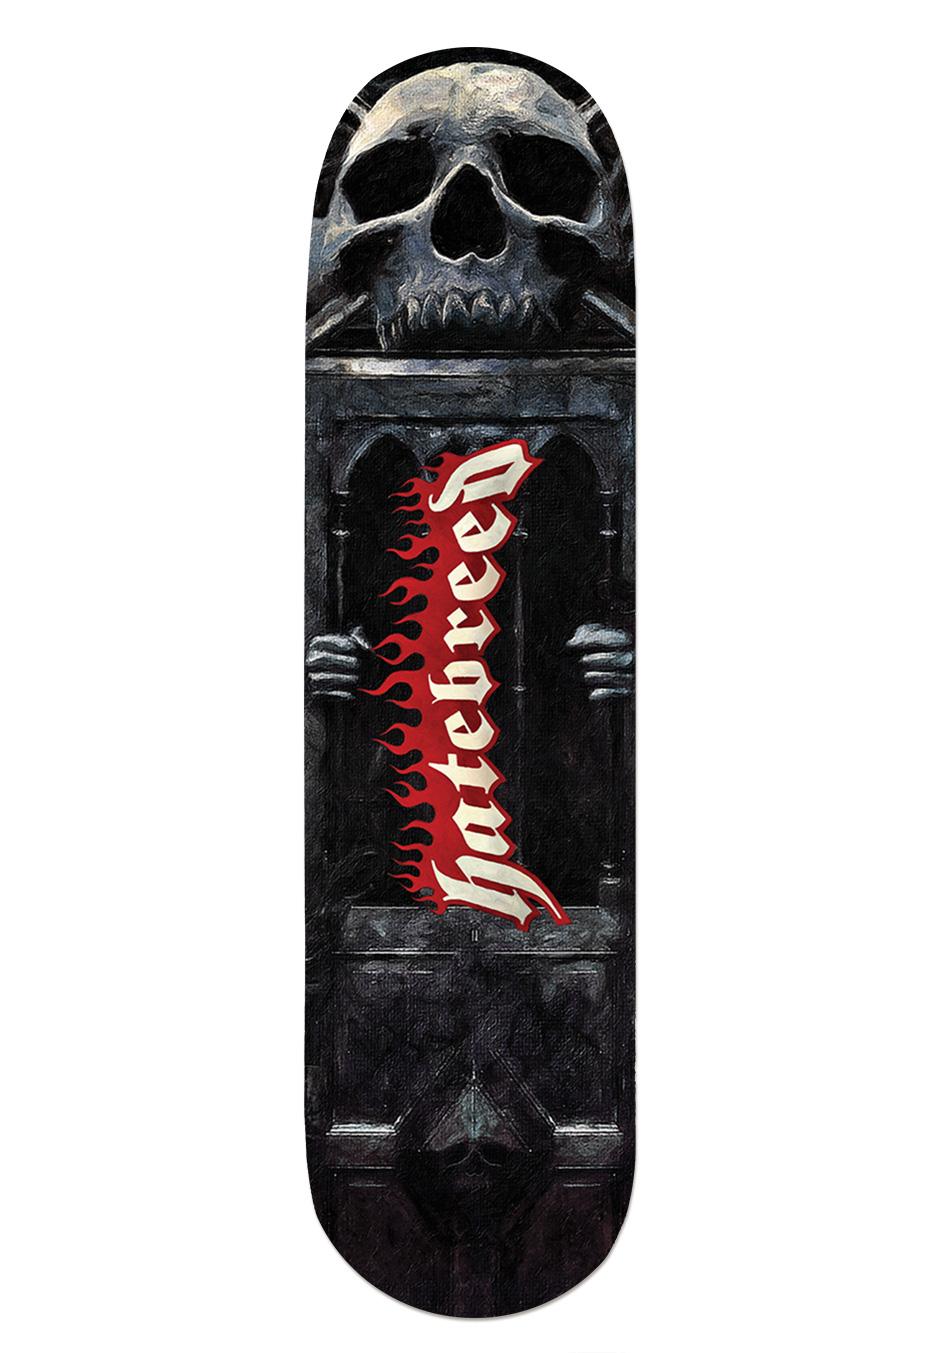 hatebreed cover planche de skate fr. Black Bedroom Furniture Sets. Home Design Ideas